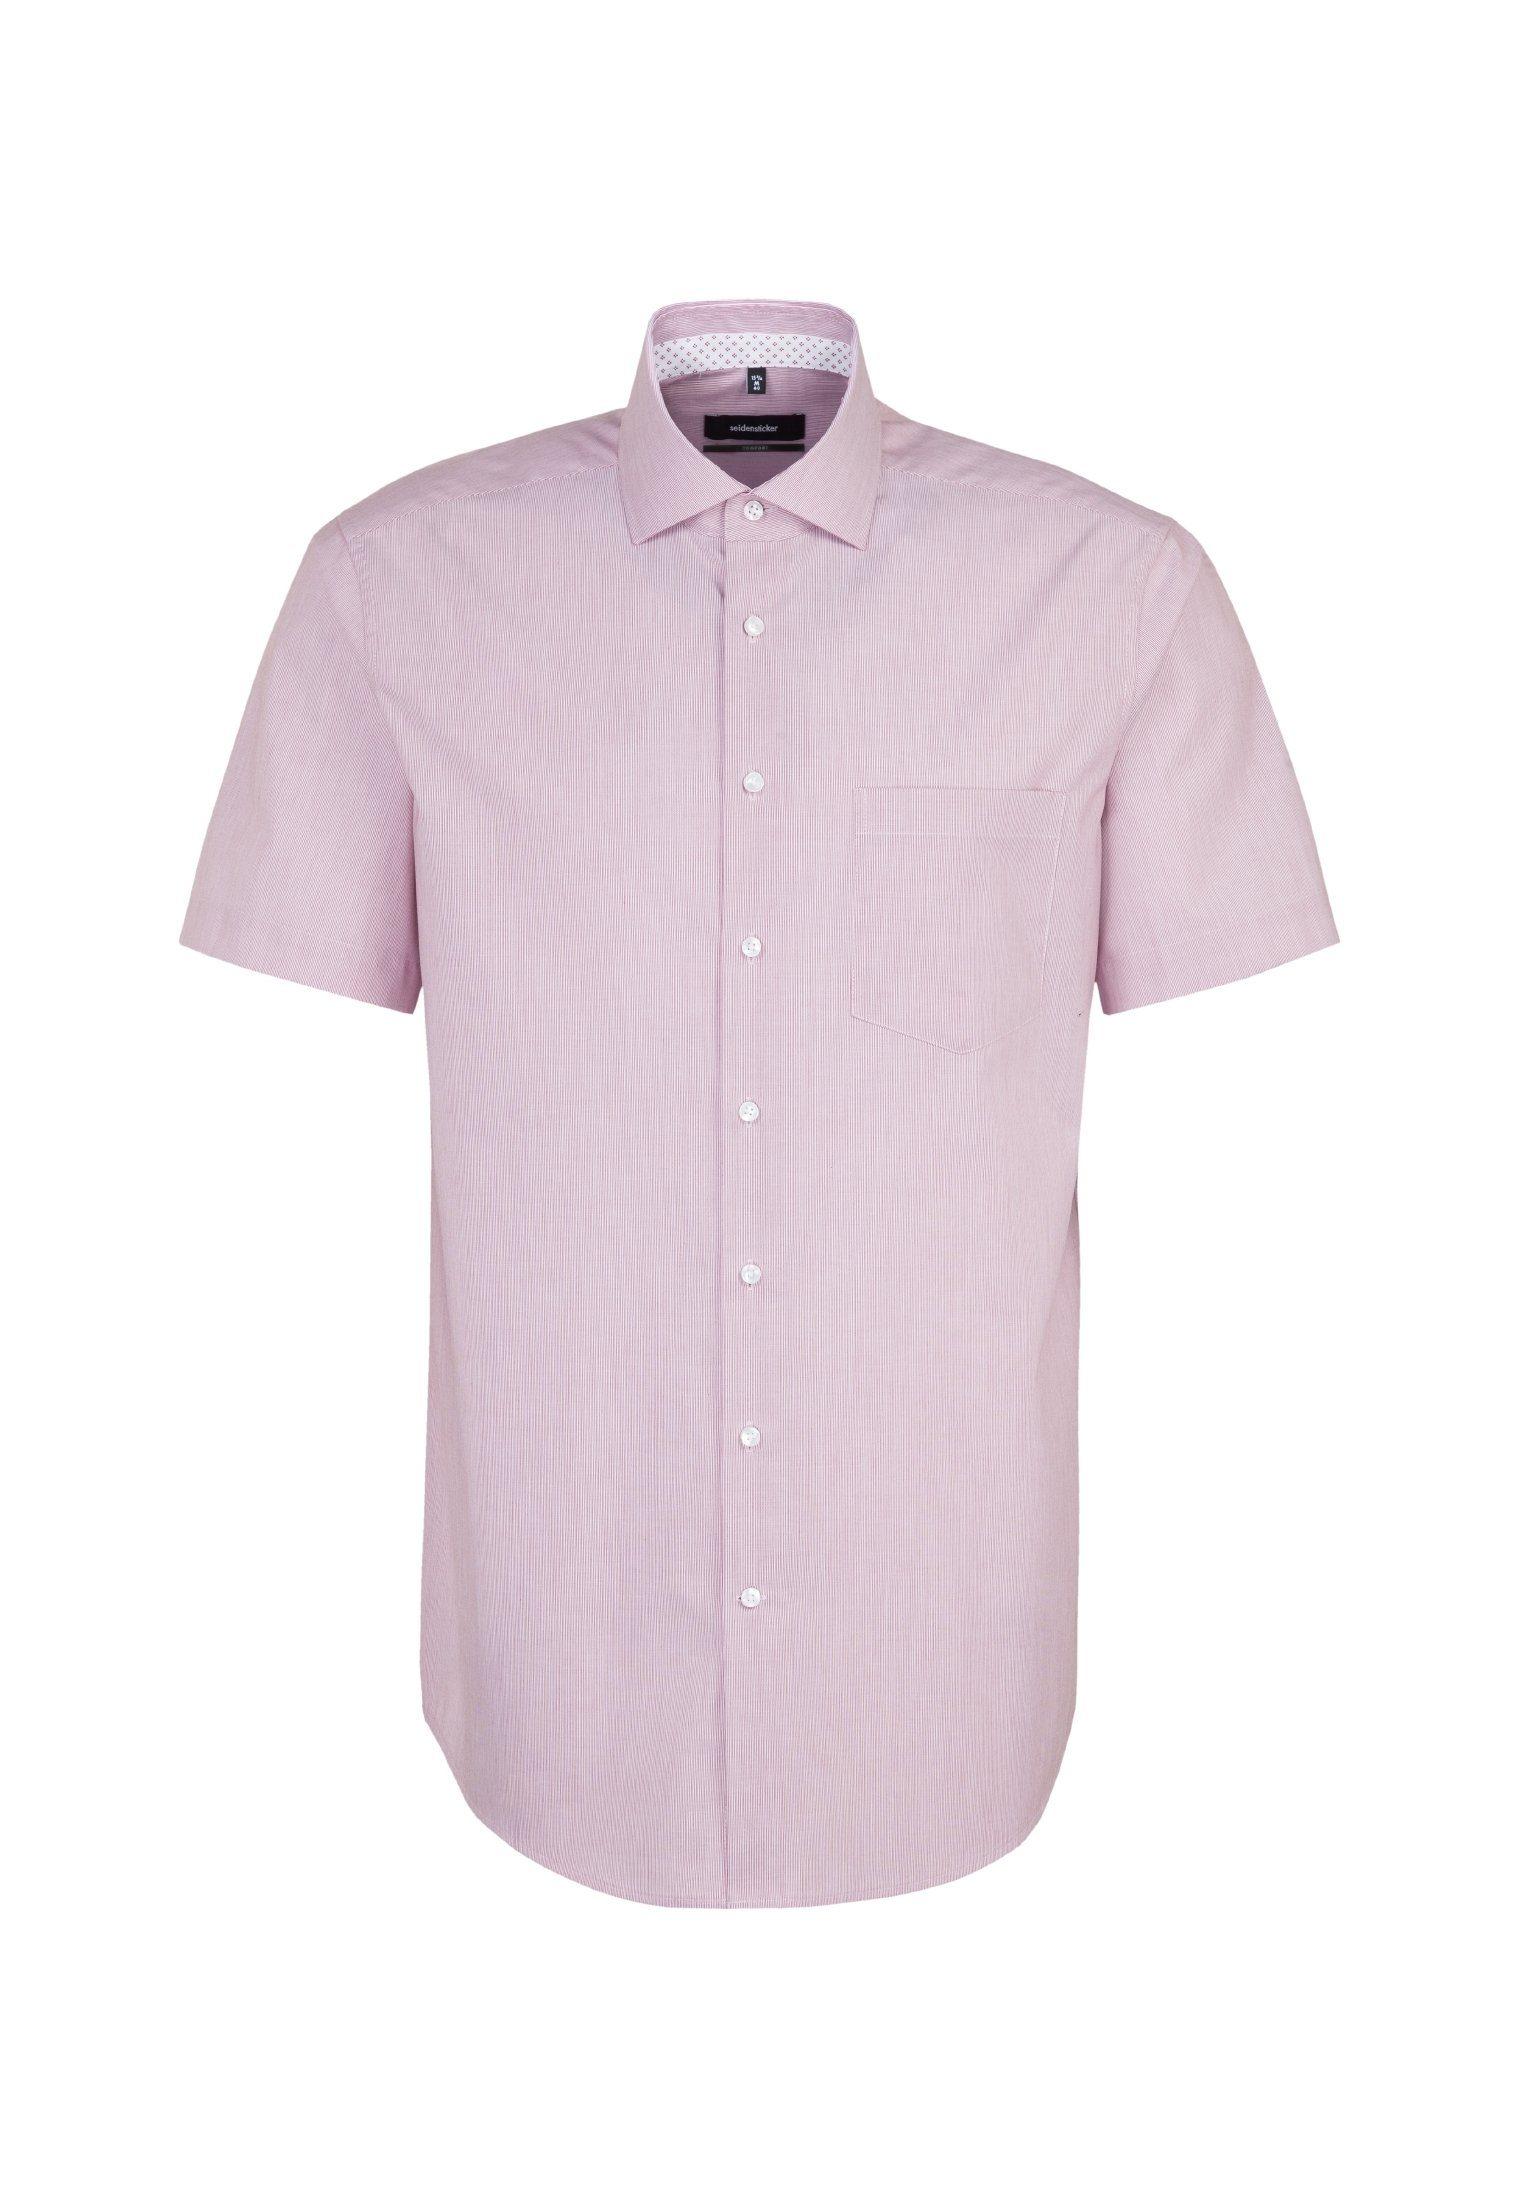 Kurzarm Streifen »comfort« Comfort Seidensticker Online Kentkragen Businesshemd Kaufen knwO8P0X